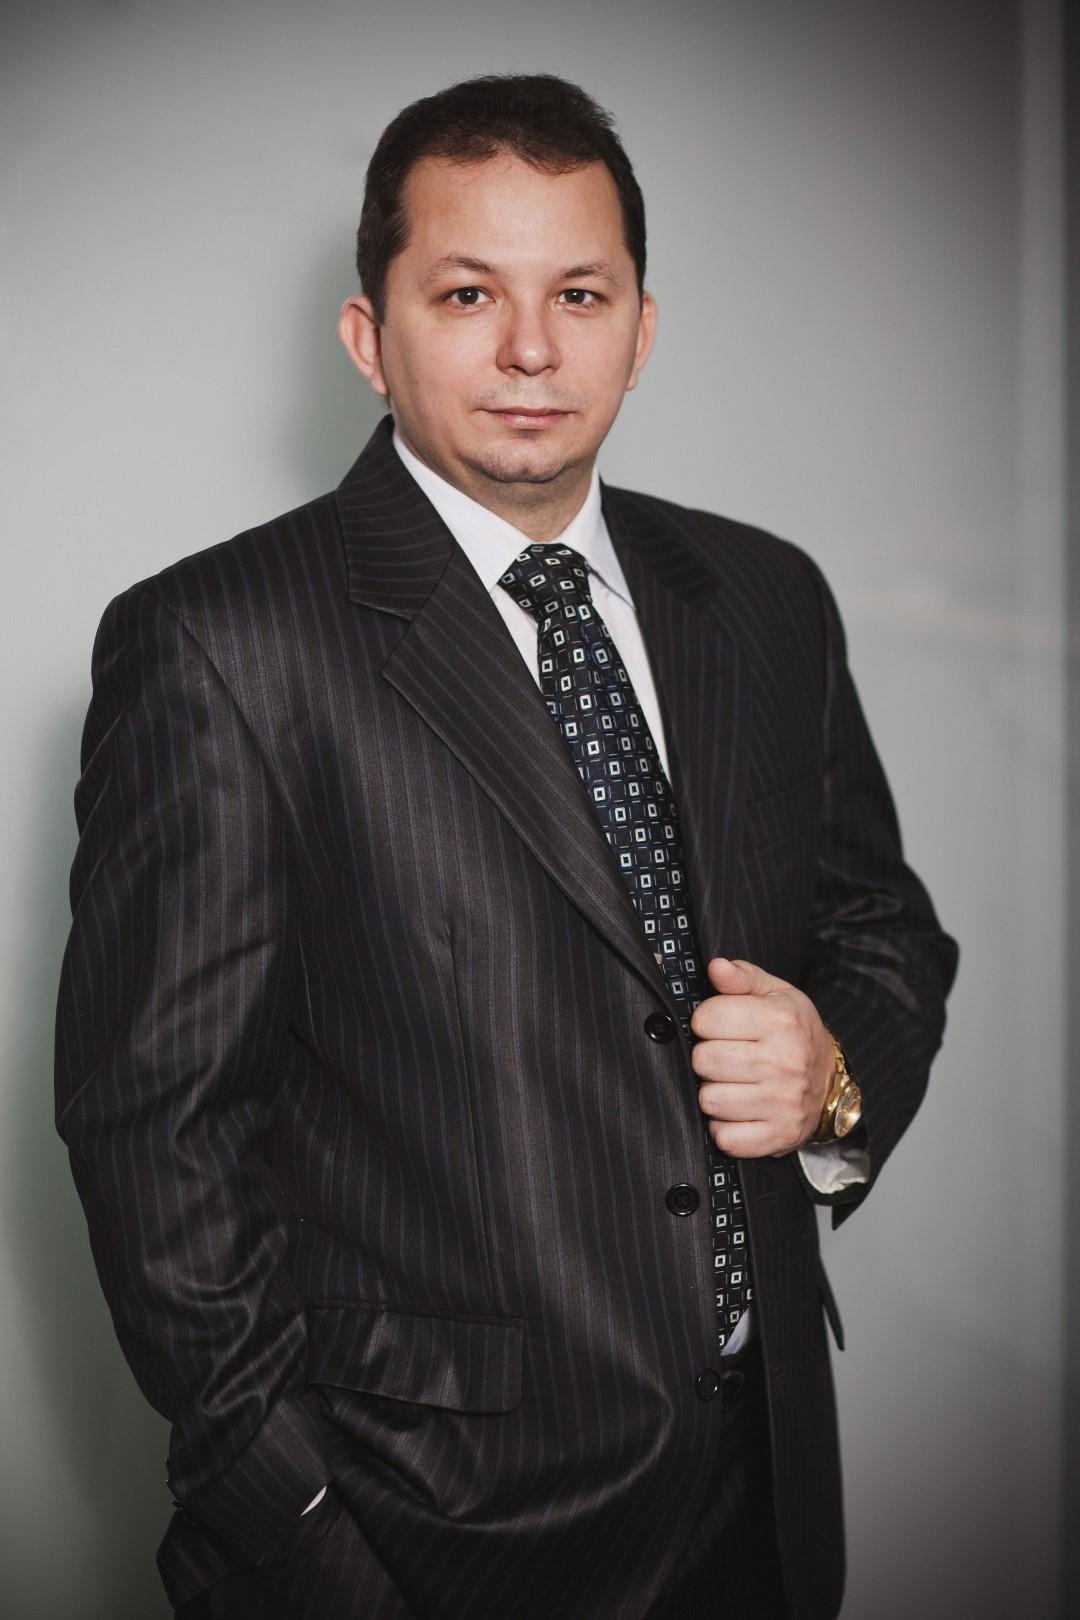 Photo of Alexander Sabodin (Large)